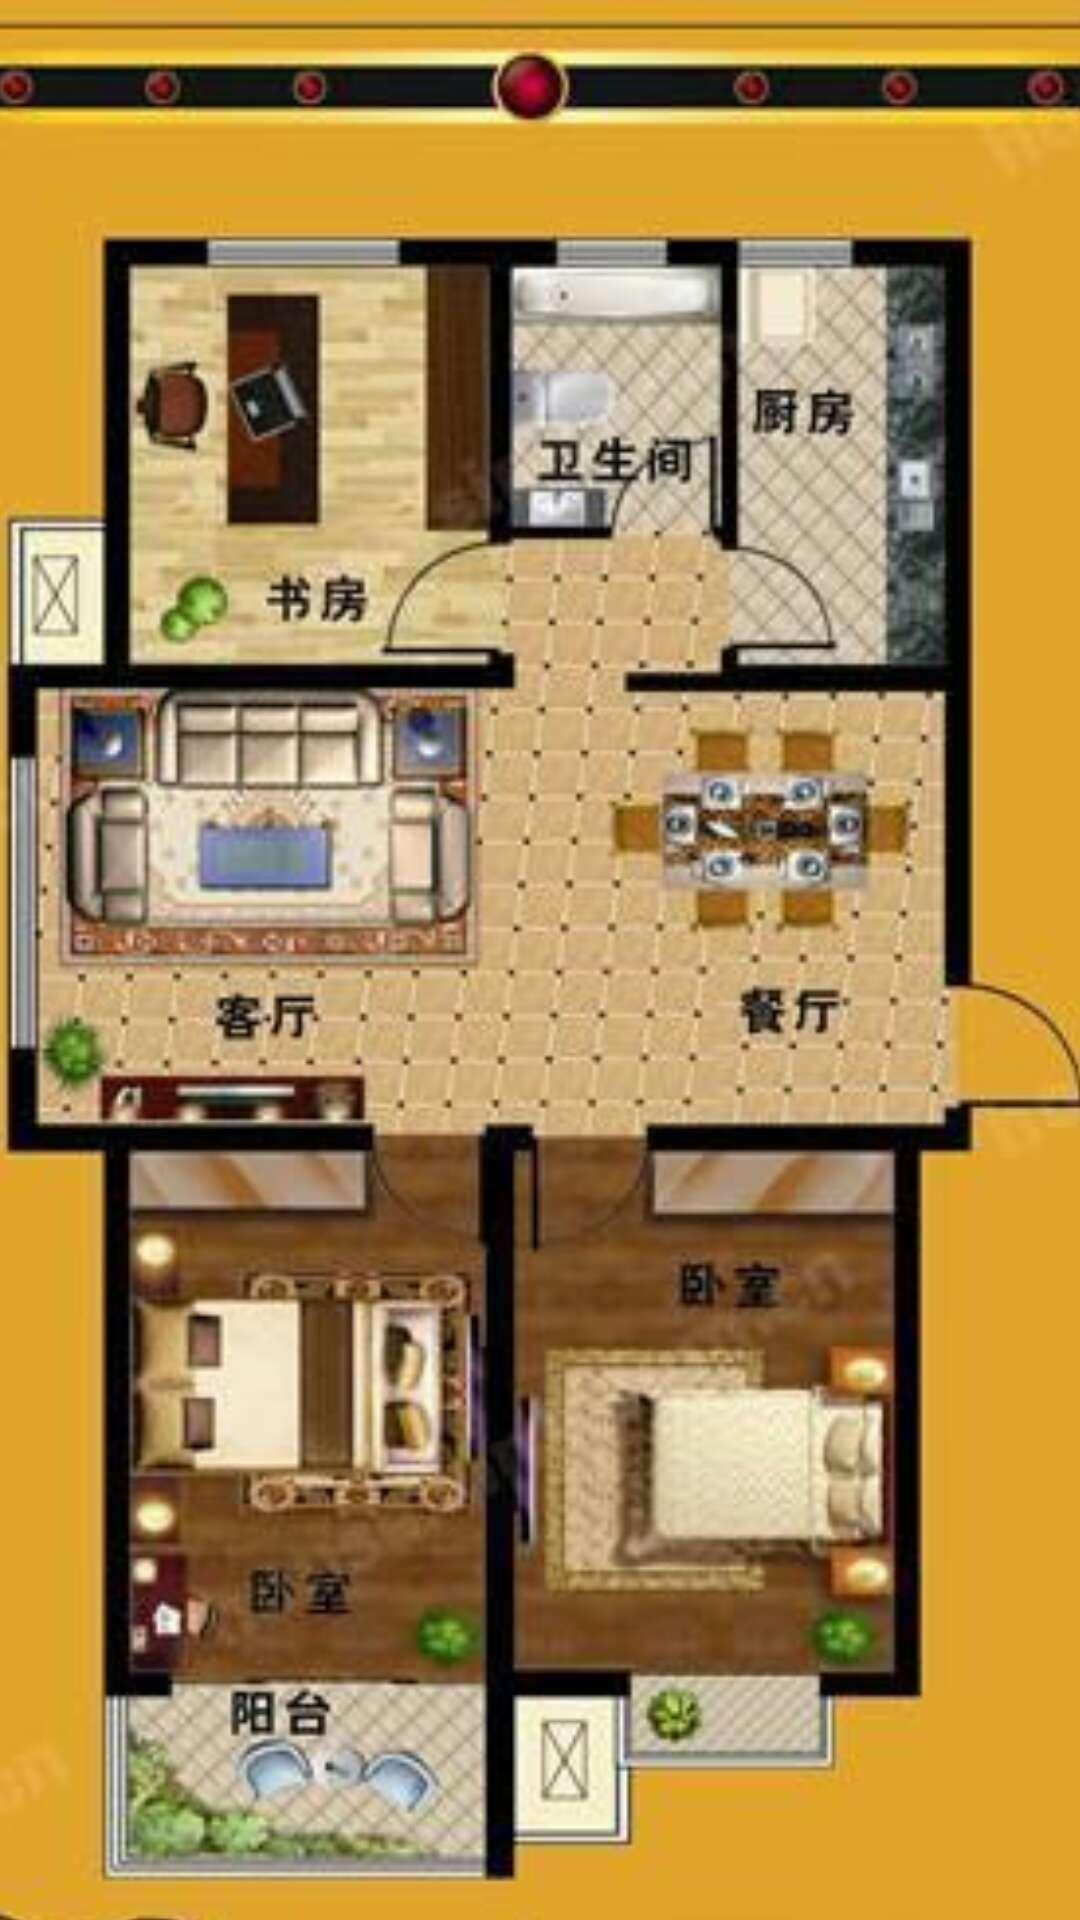 万豪华庭公馆 3室1厅 4楼